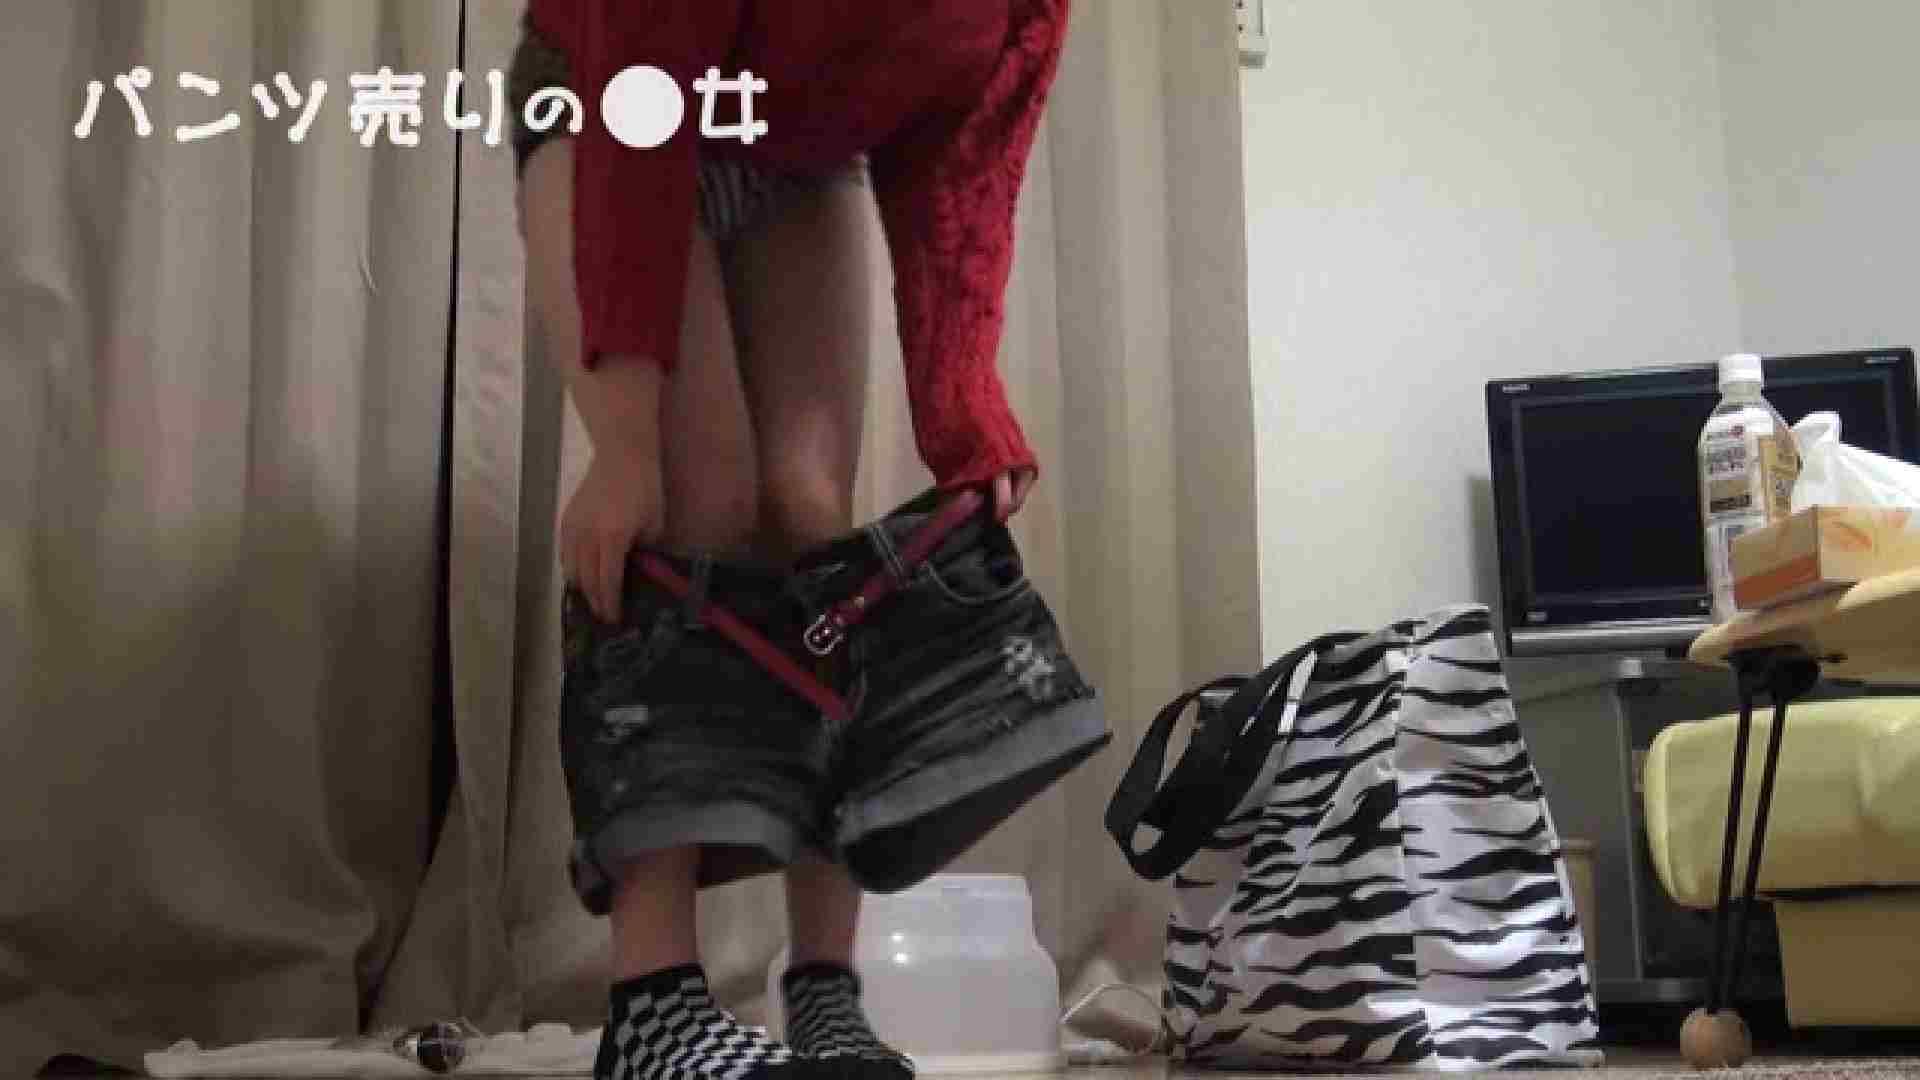 新説 パンツ売りの女の子mizuki 一般投稿  109枚 56